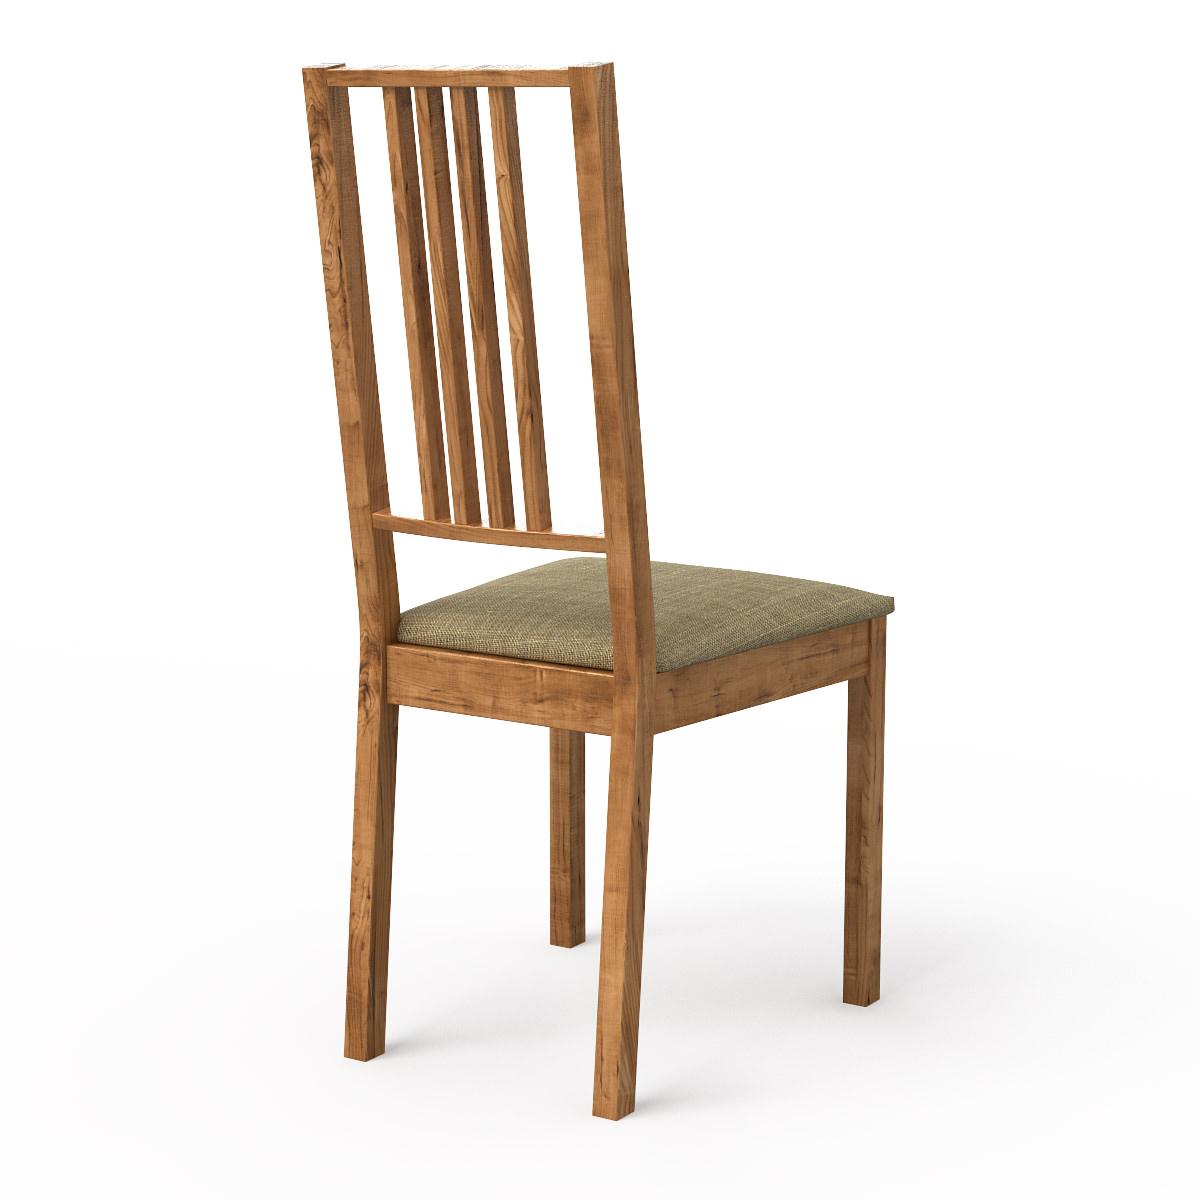 BORJE Dark Wood Dining chair 3D Model max obj 3ds fbx  : borjedarkwooddiningchair3dmodel3dsfbxobjmax453926de 0751 4e06 a043 1aab6880a009 from www.cgtrader.com size 1200 x 1200 jpeg 111kB